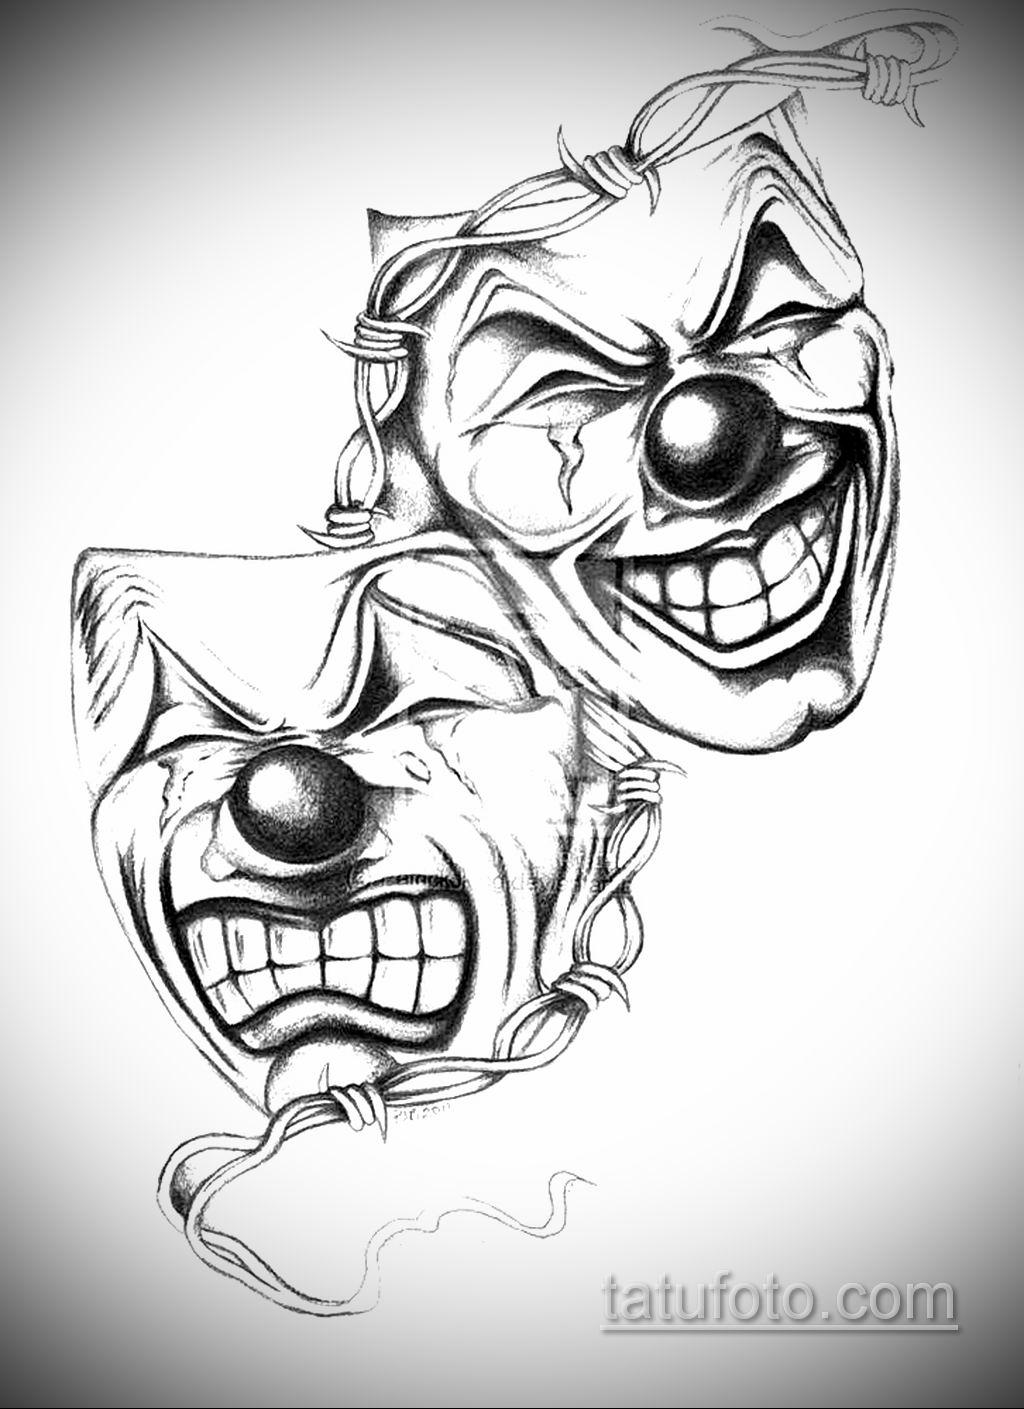 Фото тату театральные маски 09.09.2019 №033 - tattoo theater masks - tatufoto.com